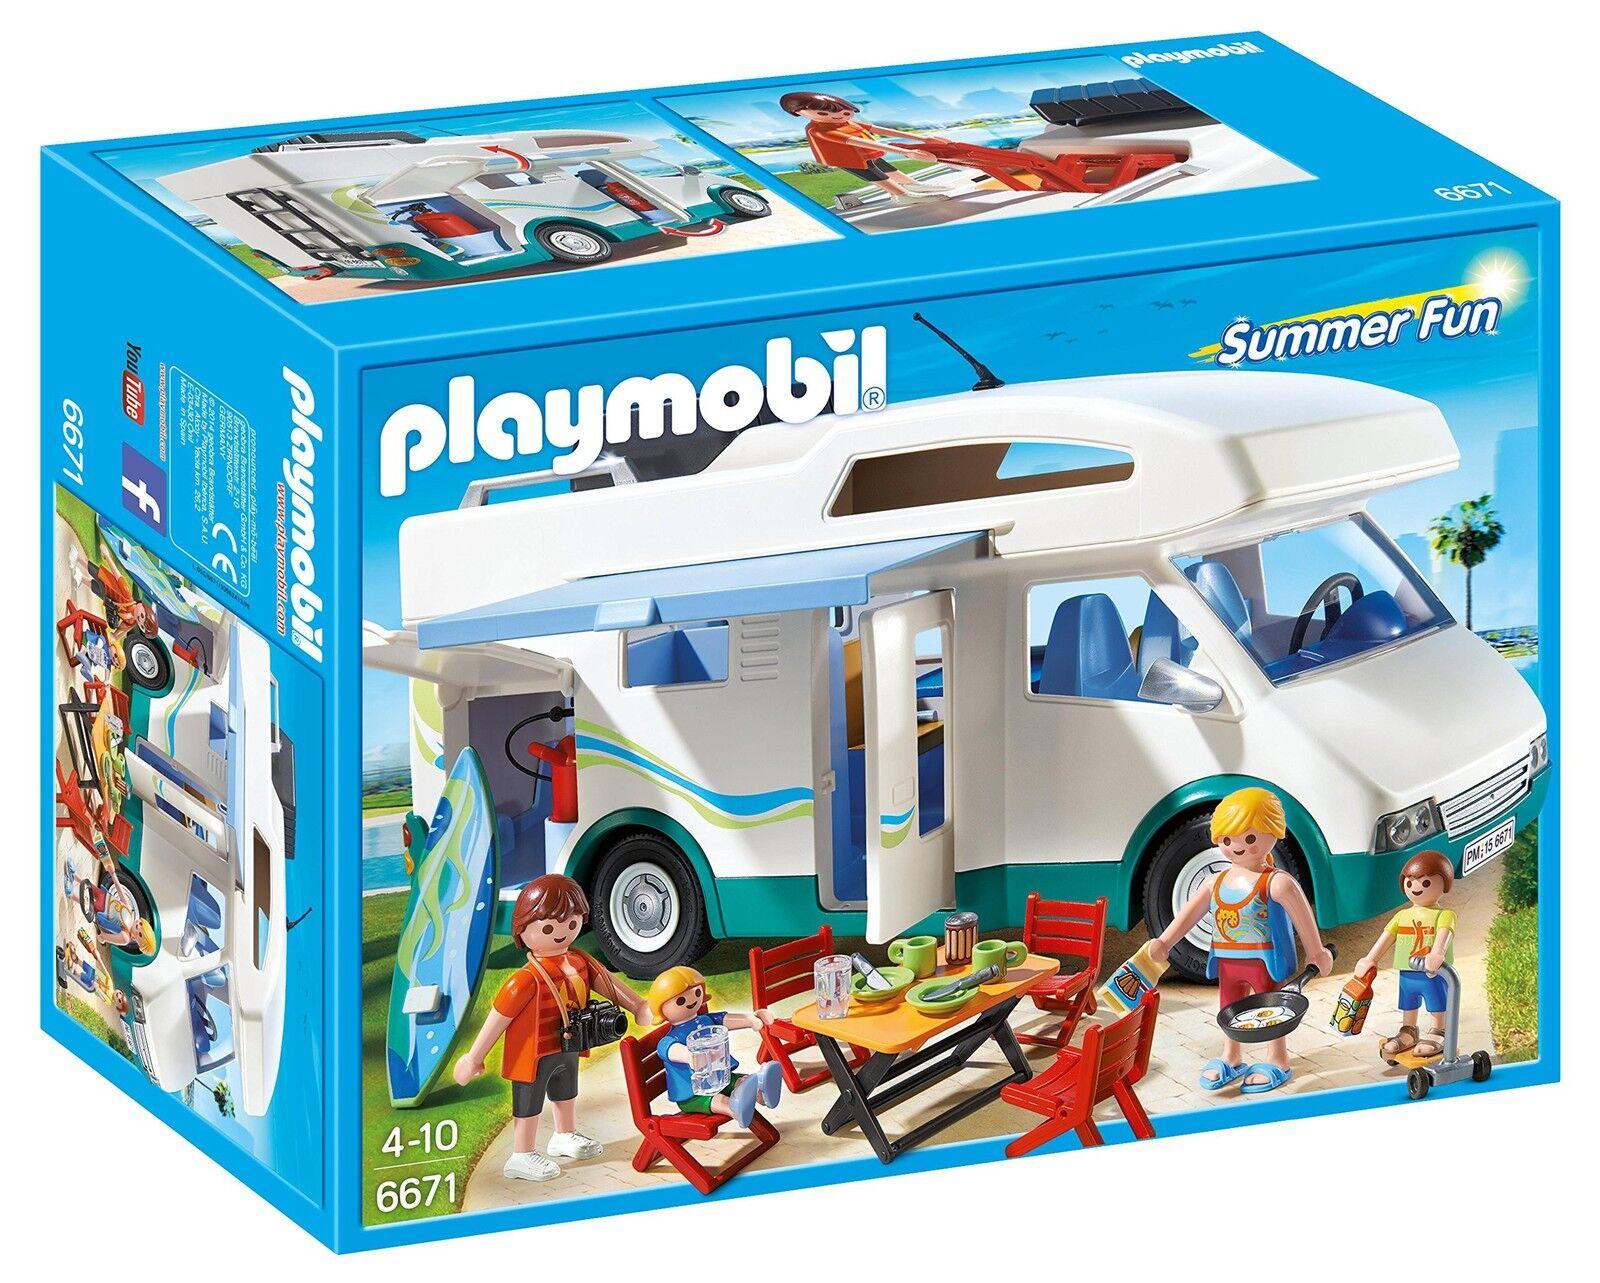 Playmobil 6671 Summer Fun Water Park Summer Camper